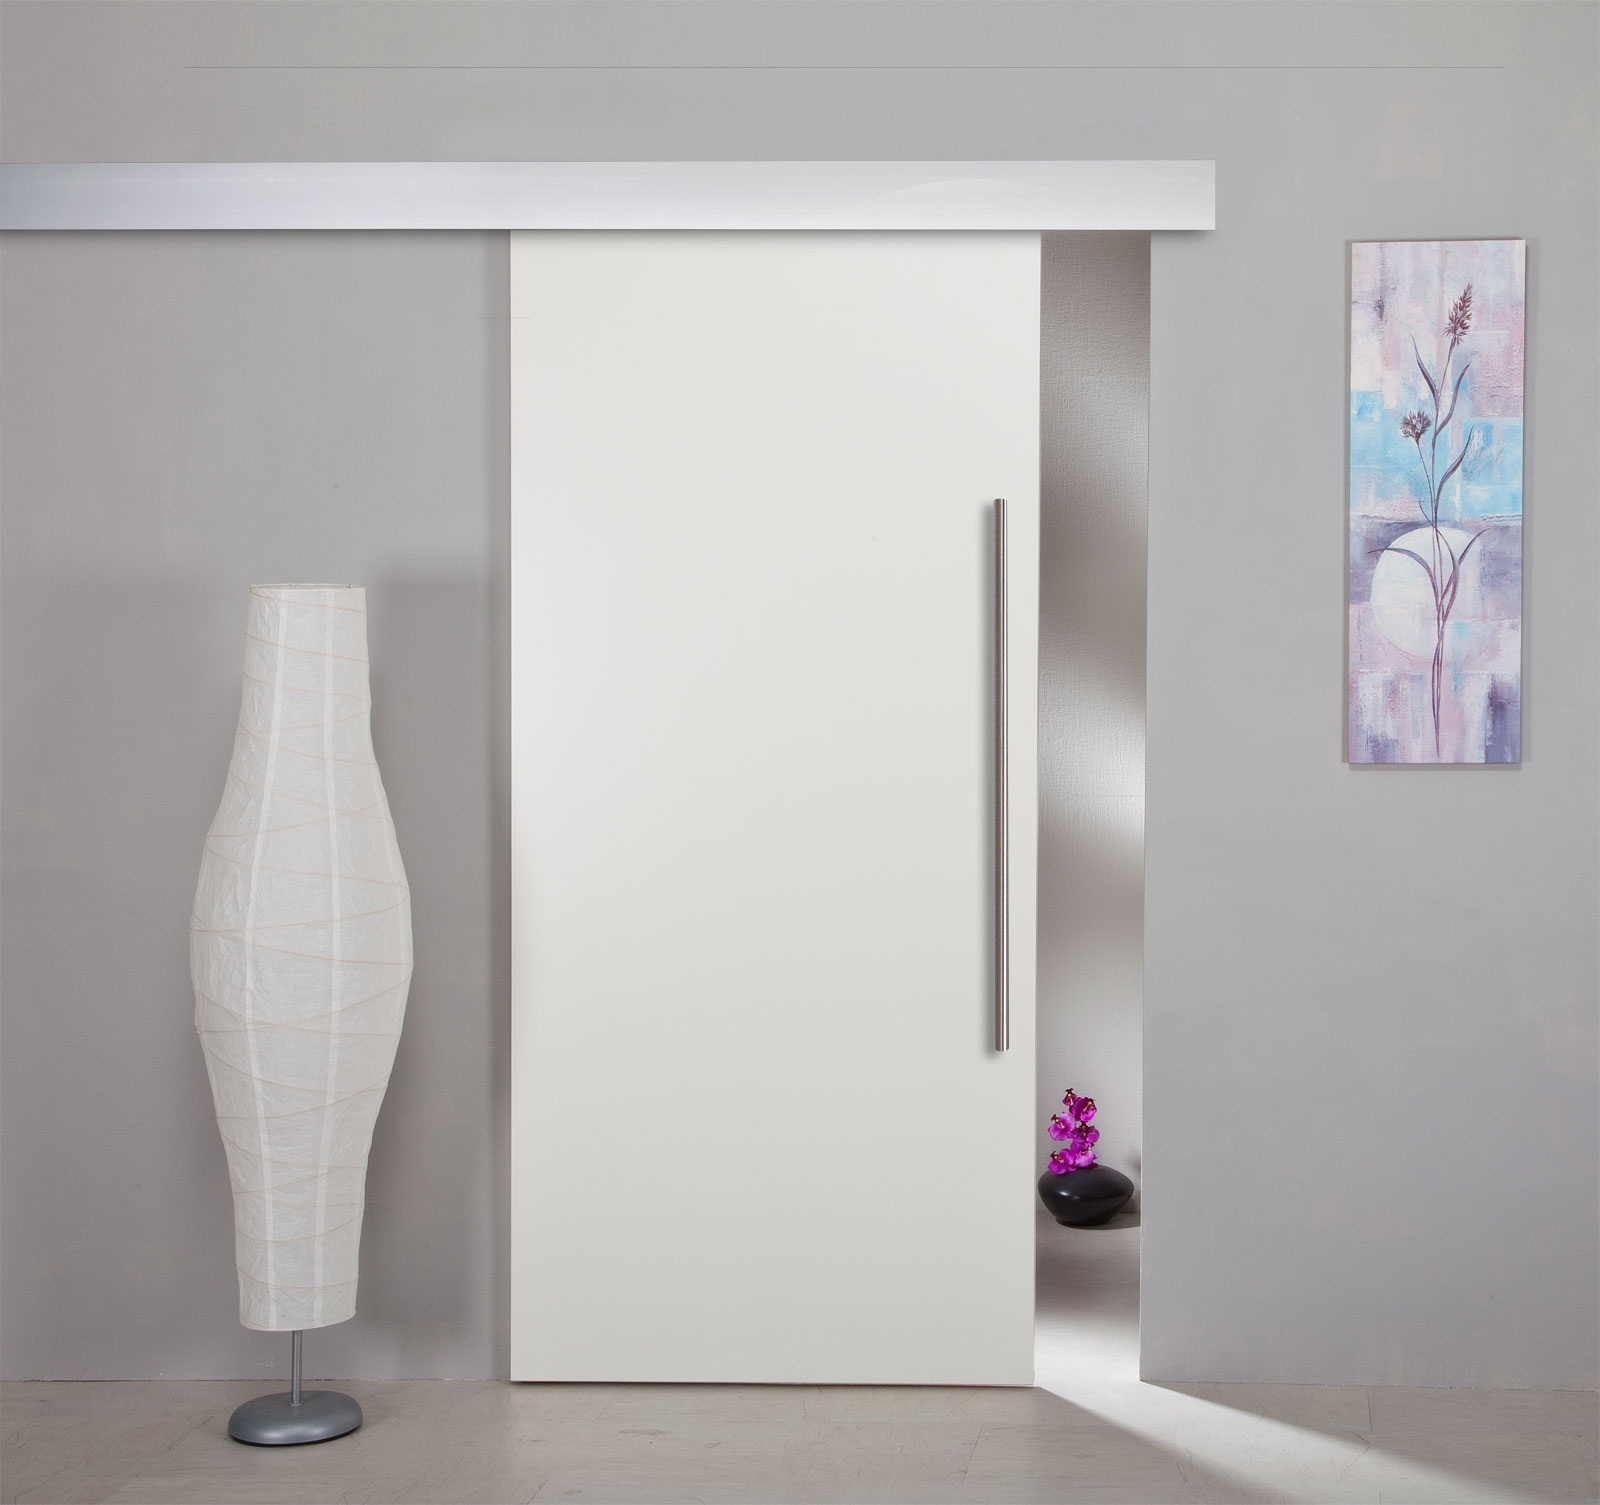 Schiebetür holz weiß glas  Schiebetür Holz weiß mit ALU60 Schiebesystem | eBay